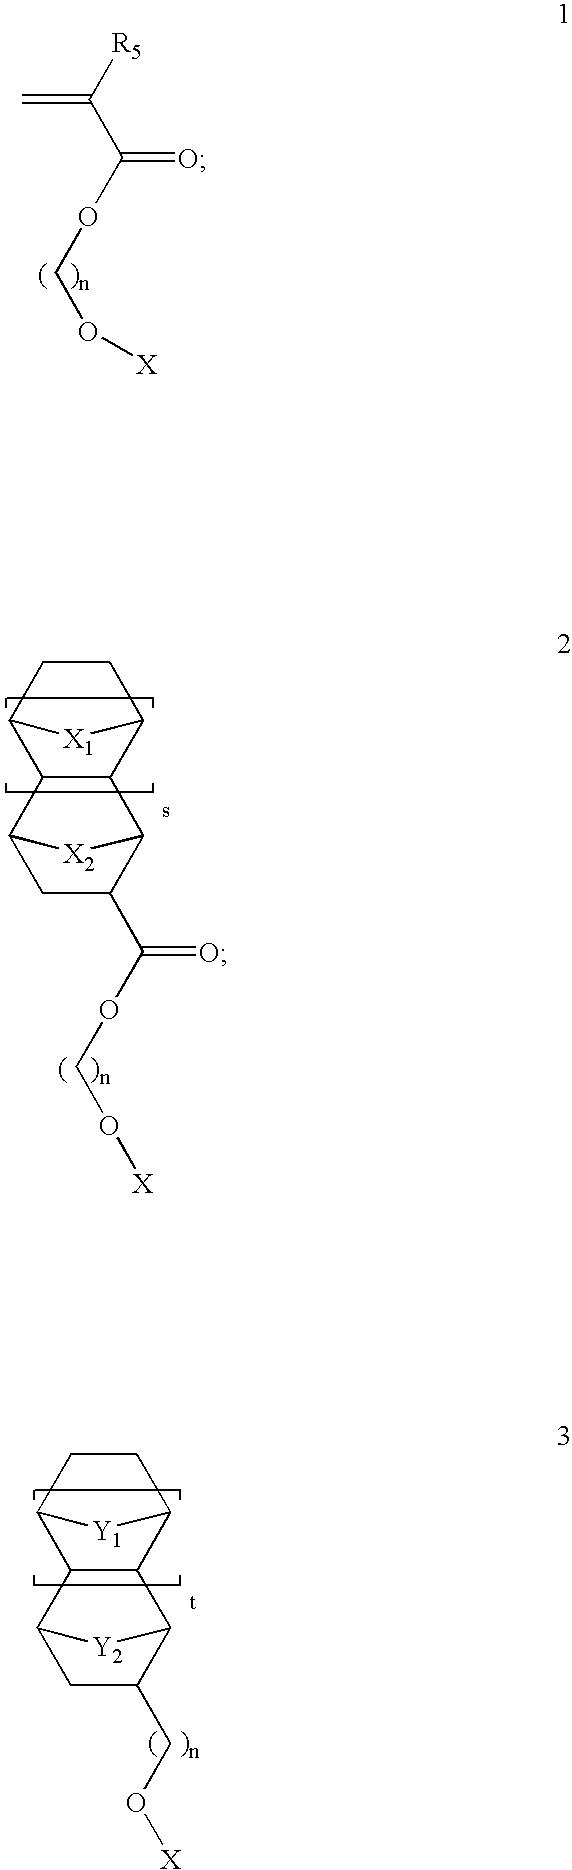 Figure US20030207205A1-20031106-C00002